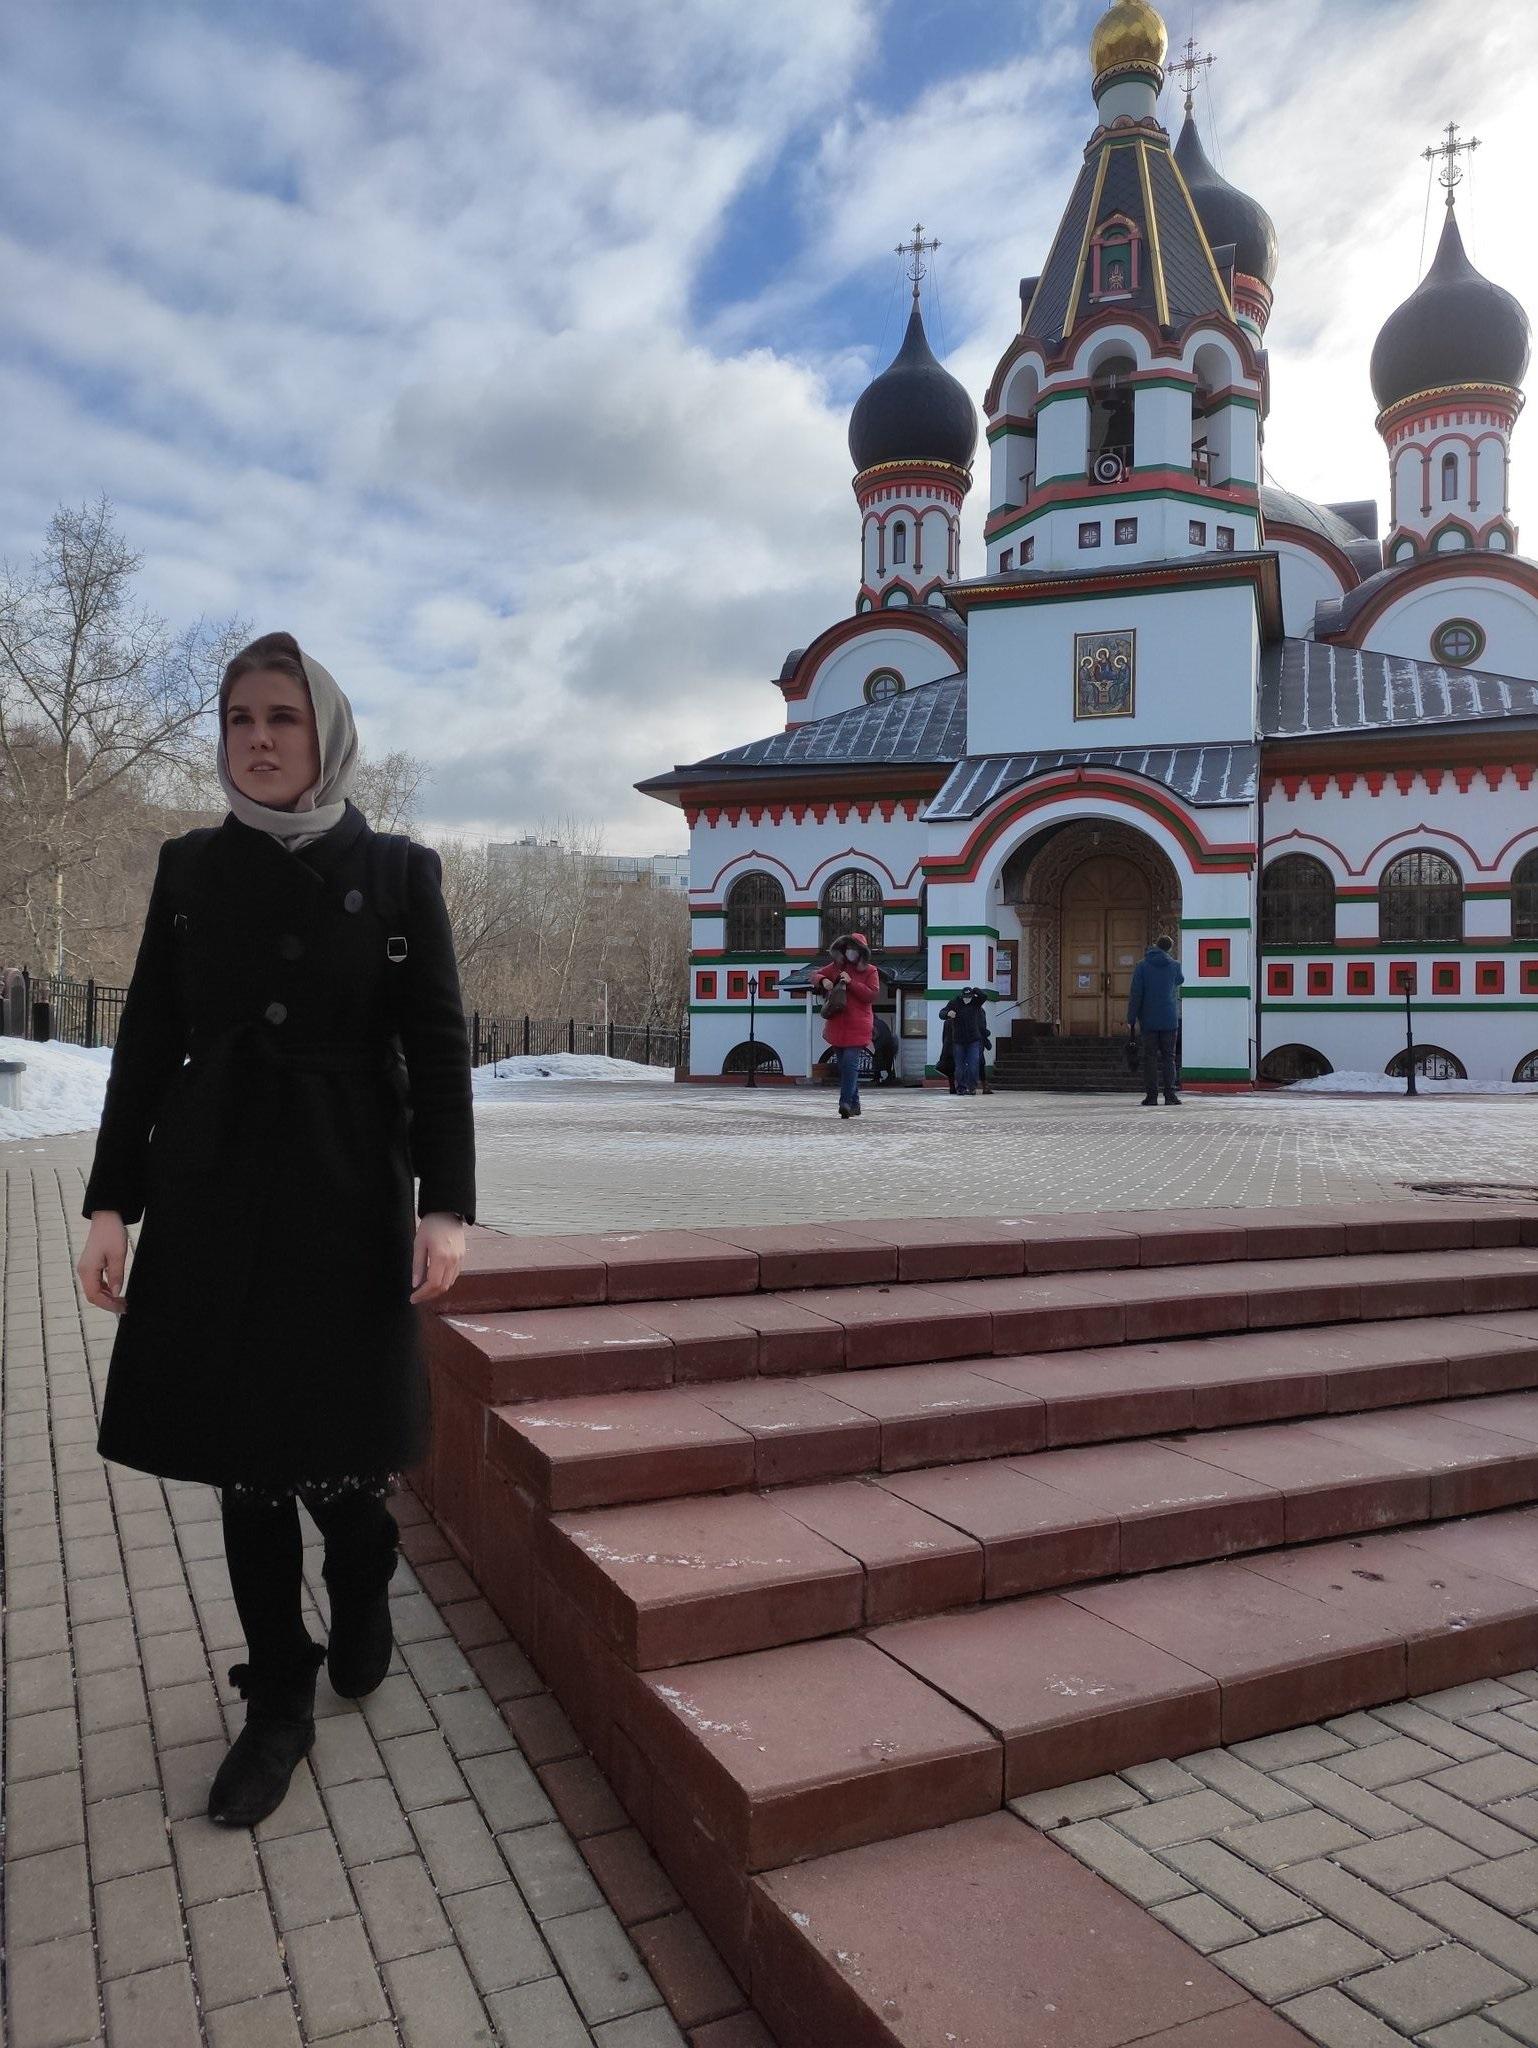 Соболь посетила службу в церкви - вопреки запрету